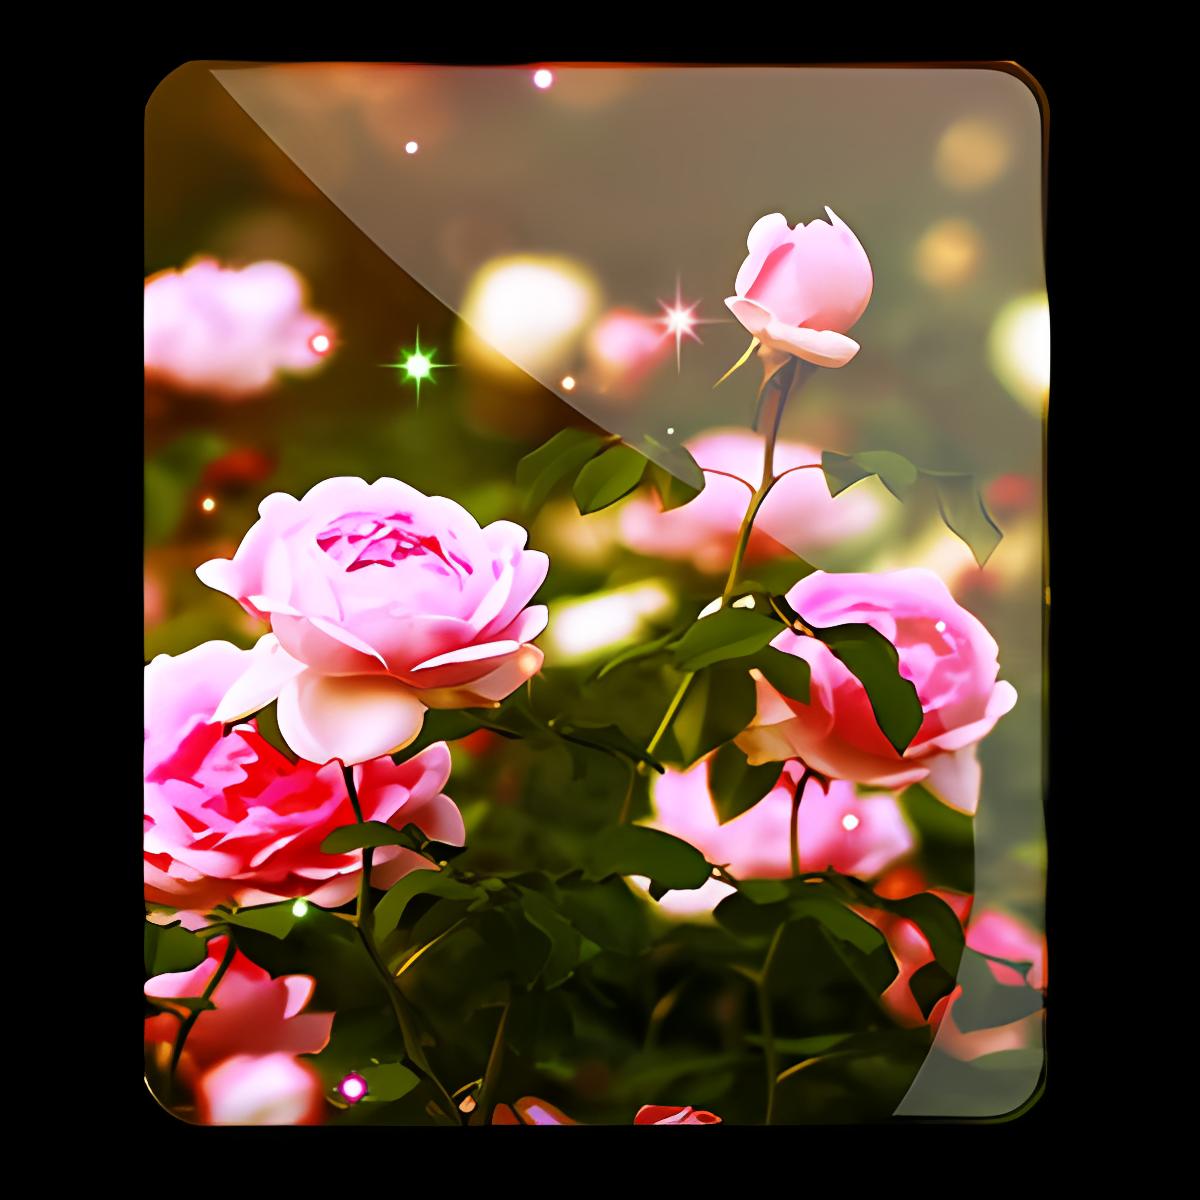 Flower Roses Wallpaper